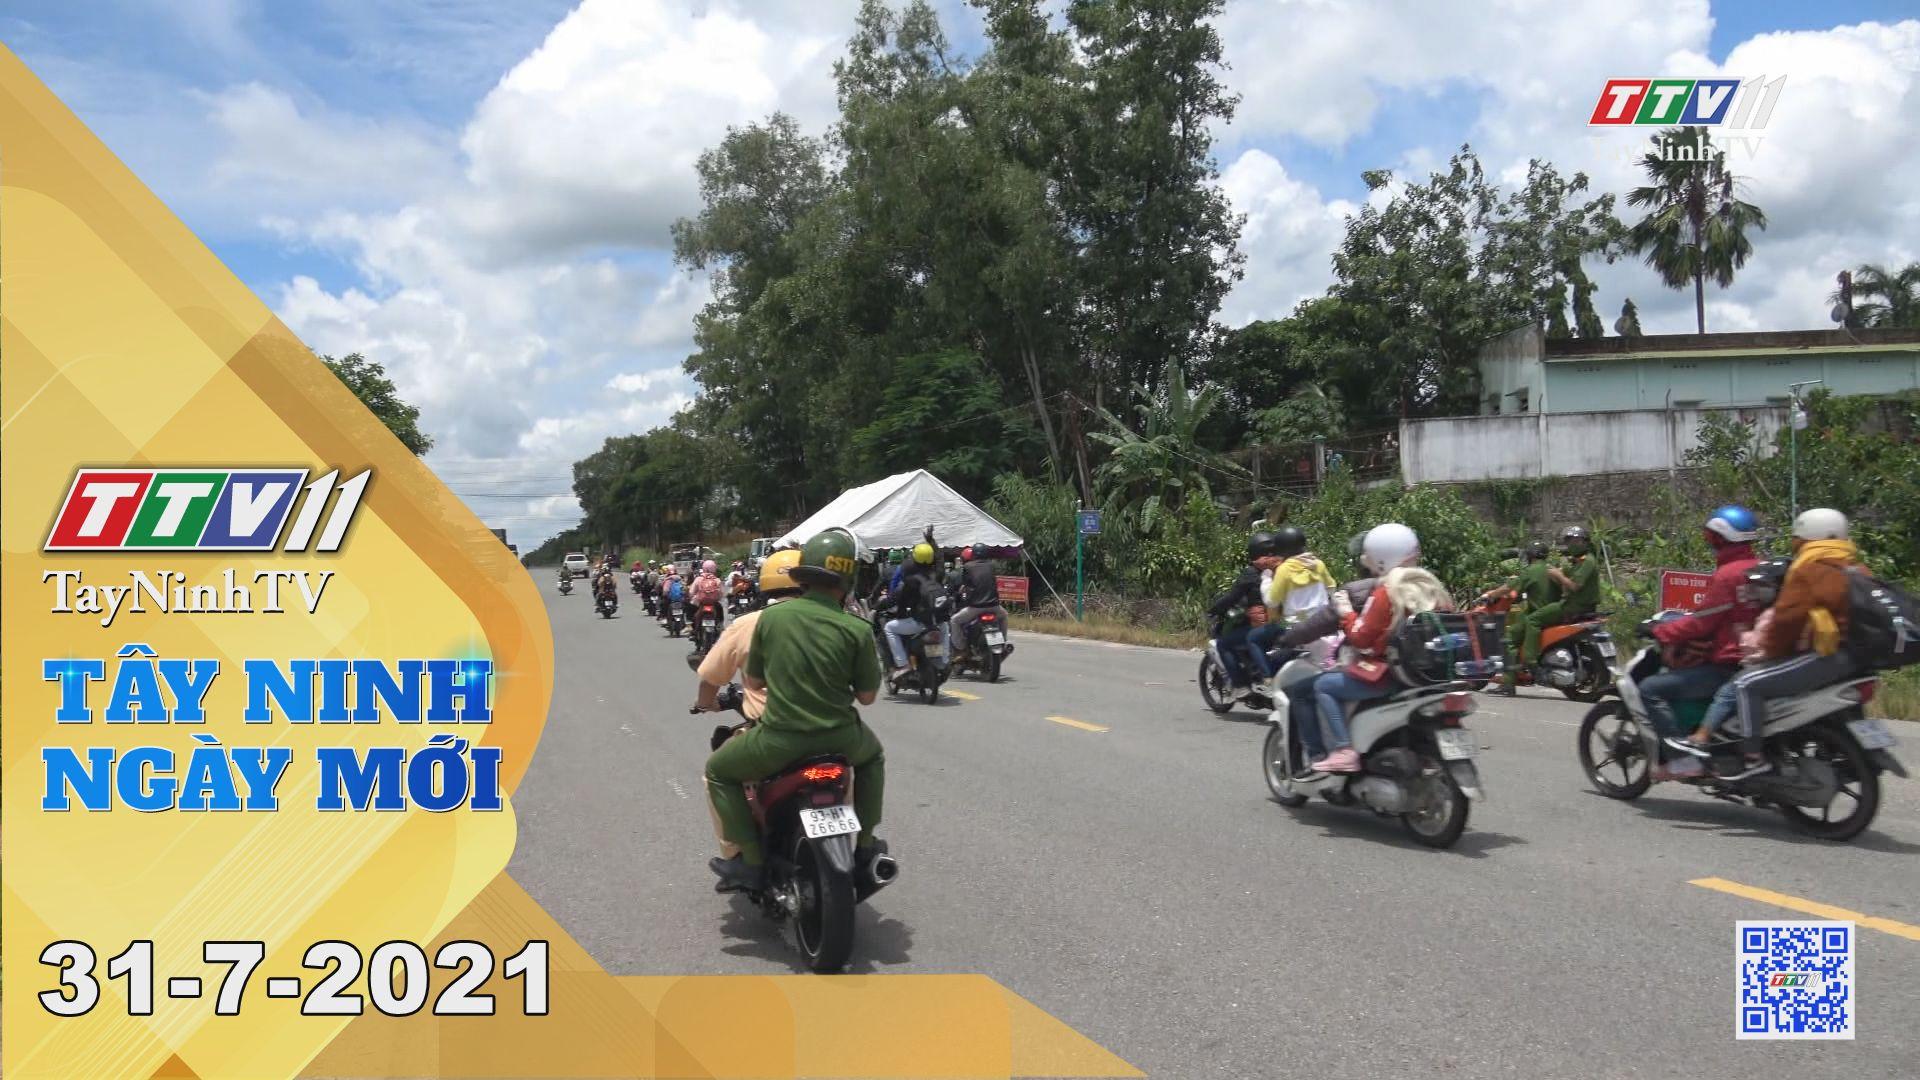 Tây Ninh Ngày Mới 31-7-2021   Tin tức hôm nay   TayNinhTV